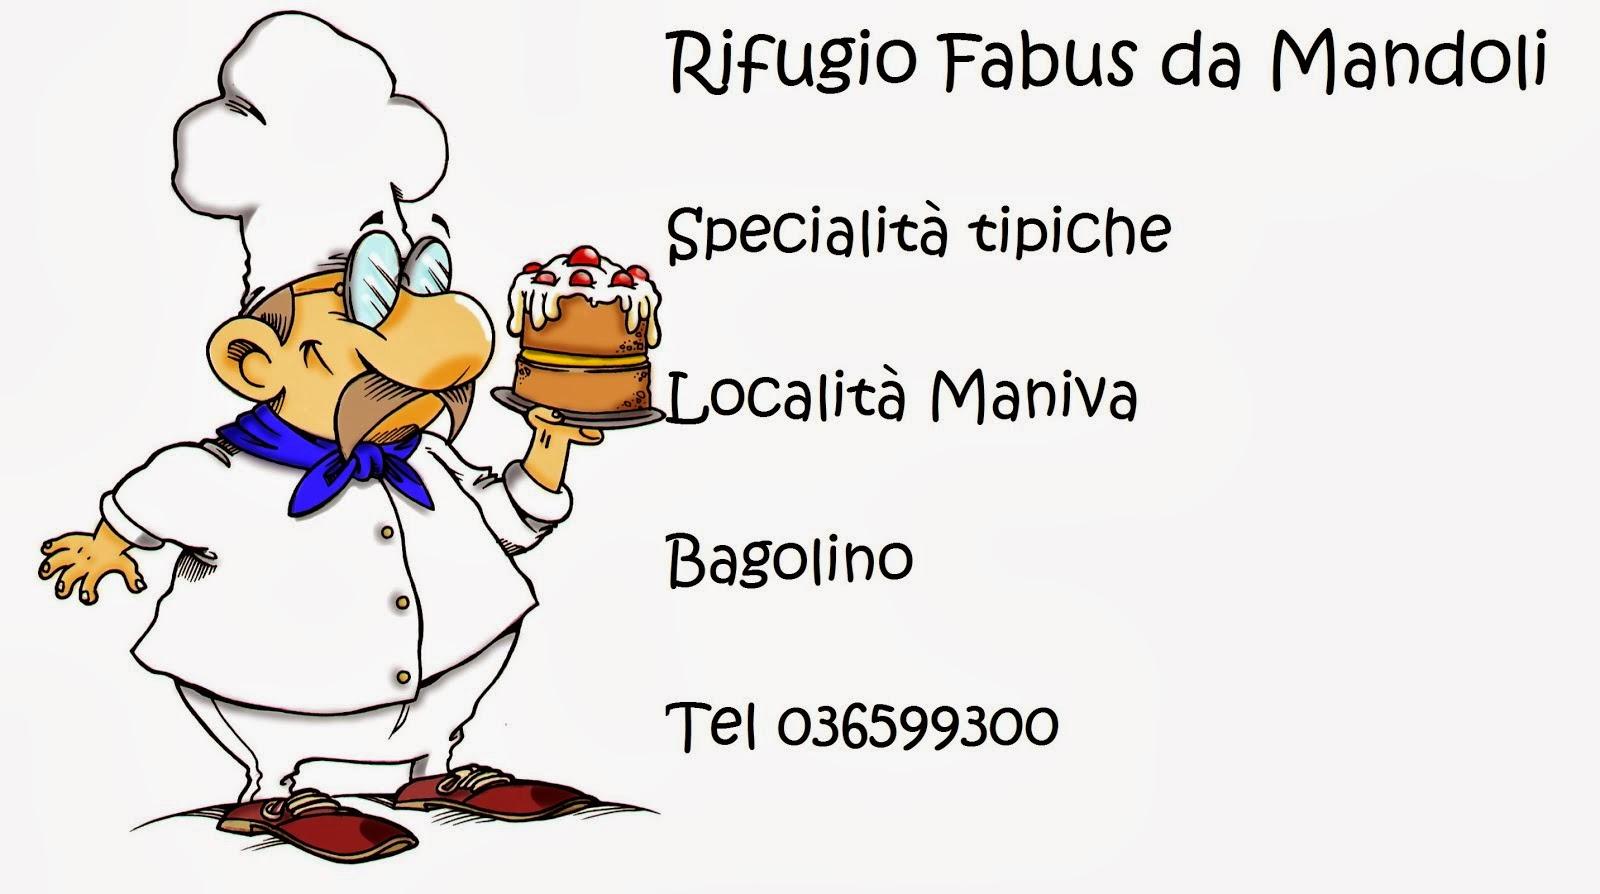 Rifugio Fabus Mandoli